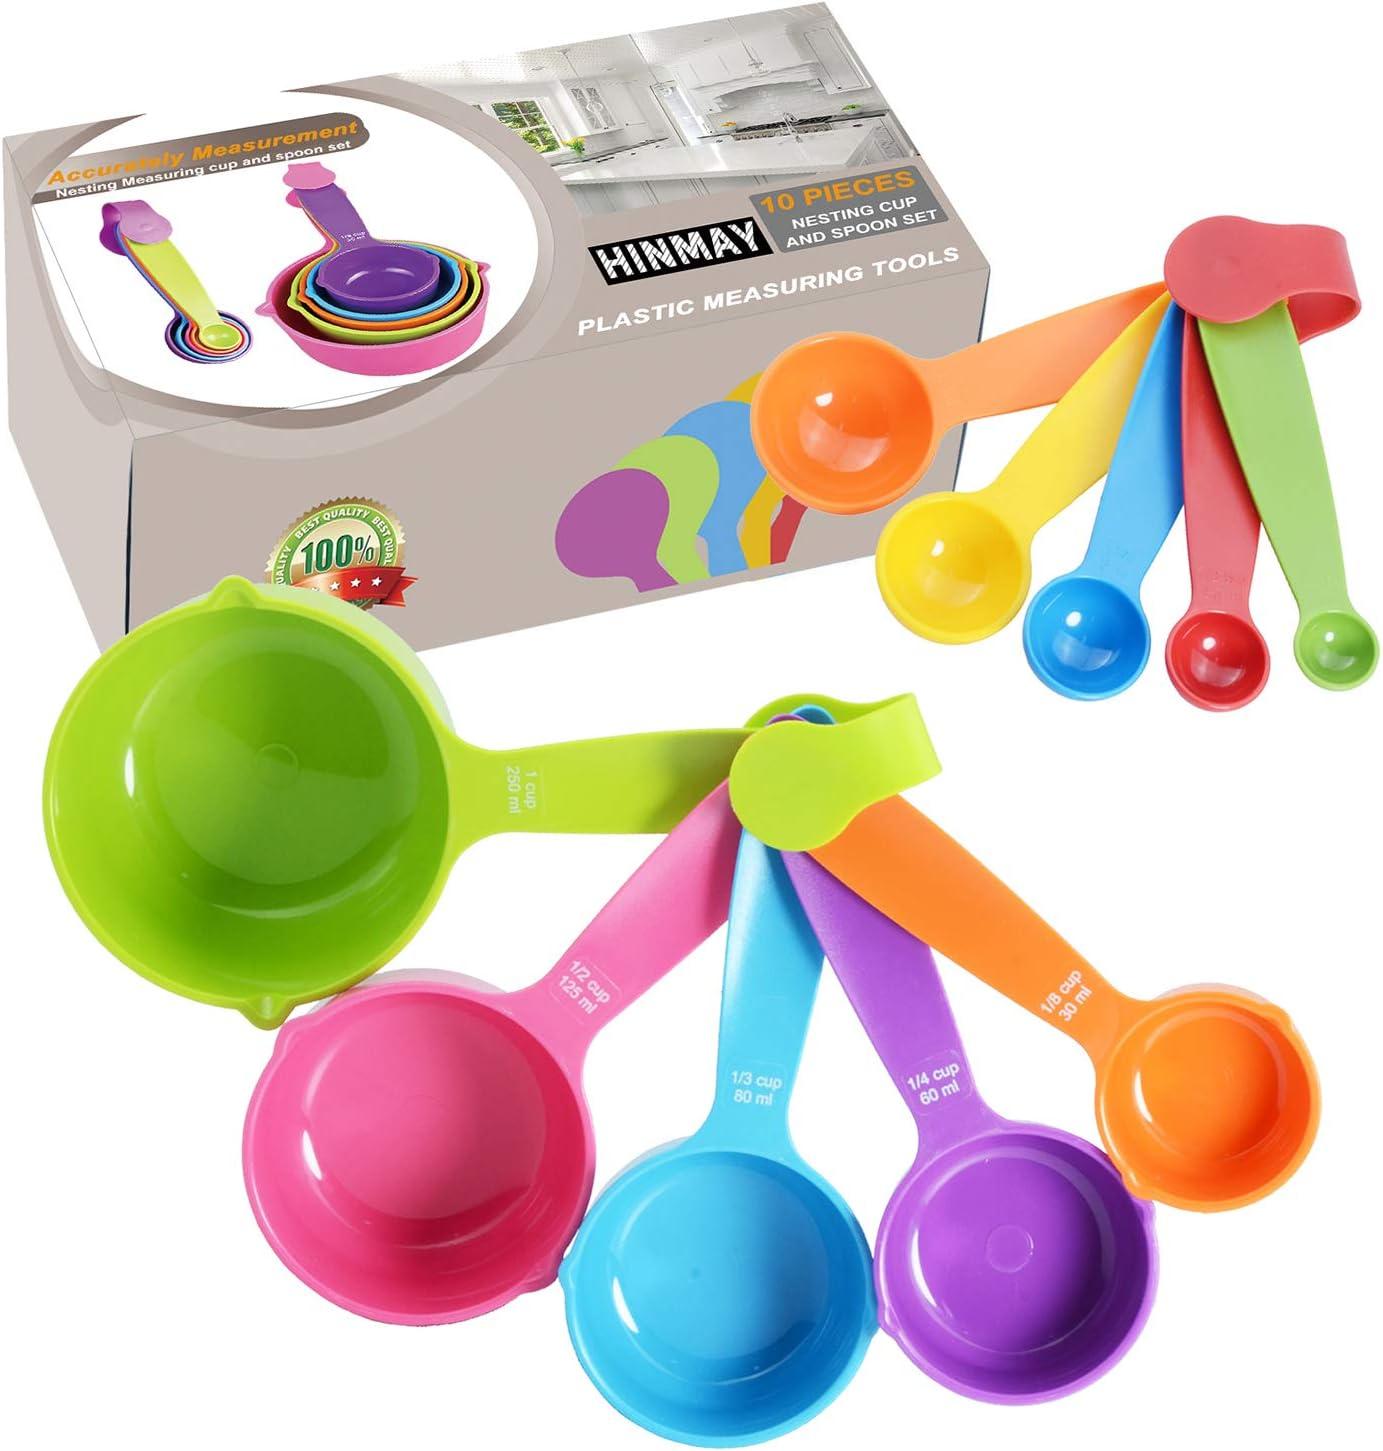 HINMAY Juego de tazas y cucharas medidoras con mango de plástico, herramientas de medición para líquidos, ingredientes secos y alimentación de animales Color plástico al azar.